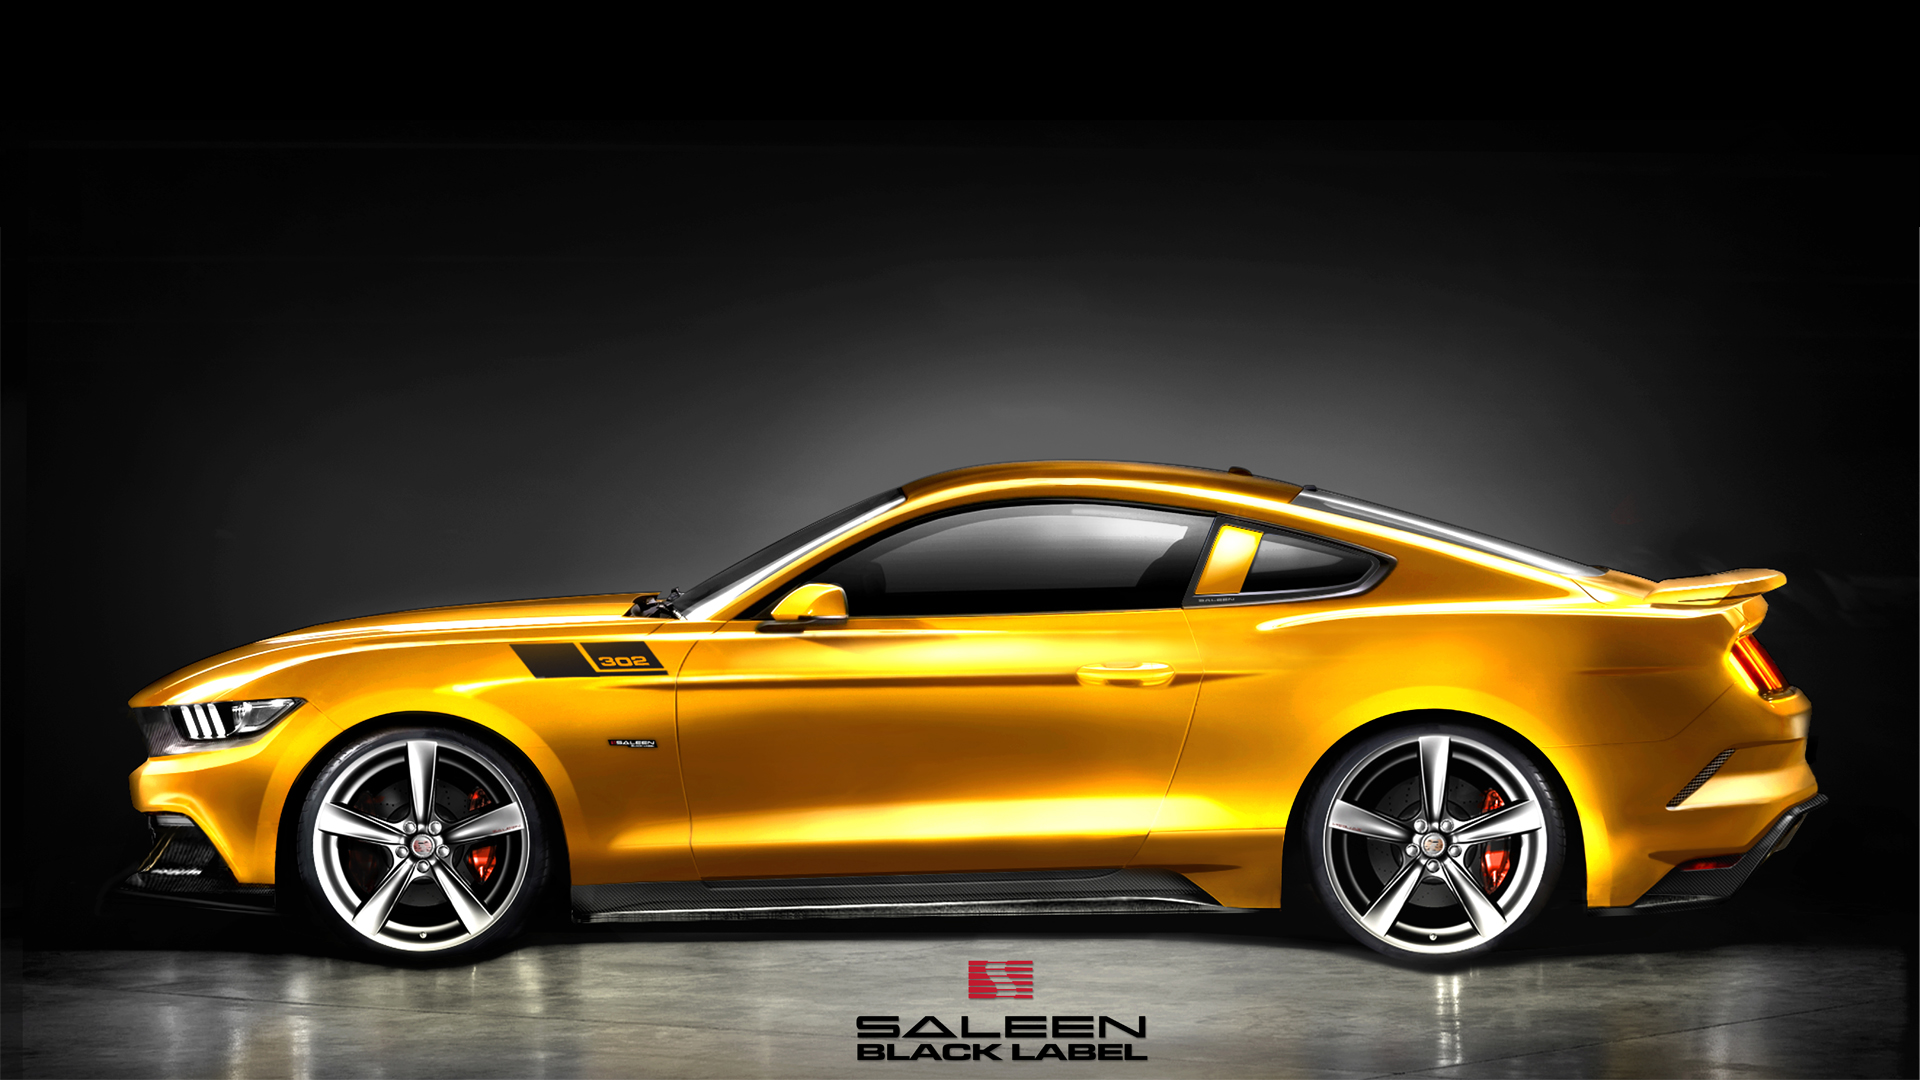 2015-Saleen-302-Mustang-Black-Label-Side.jpg